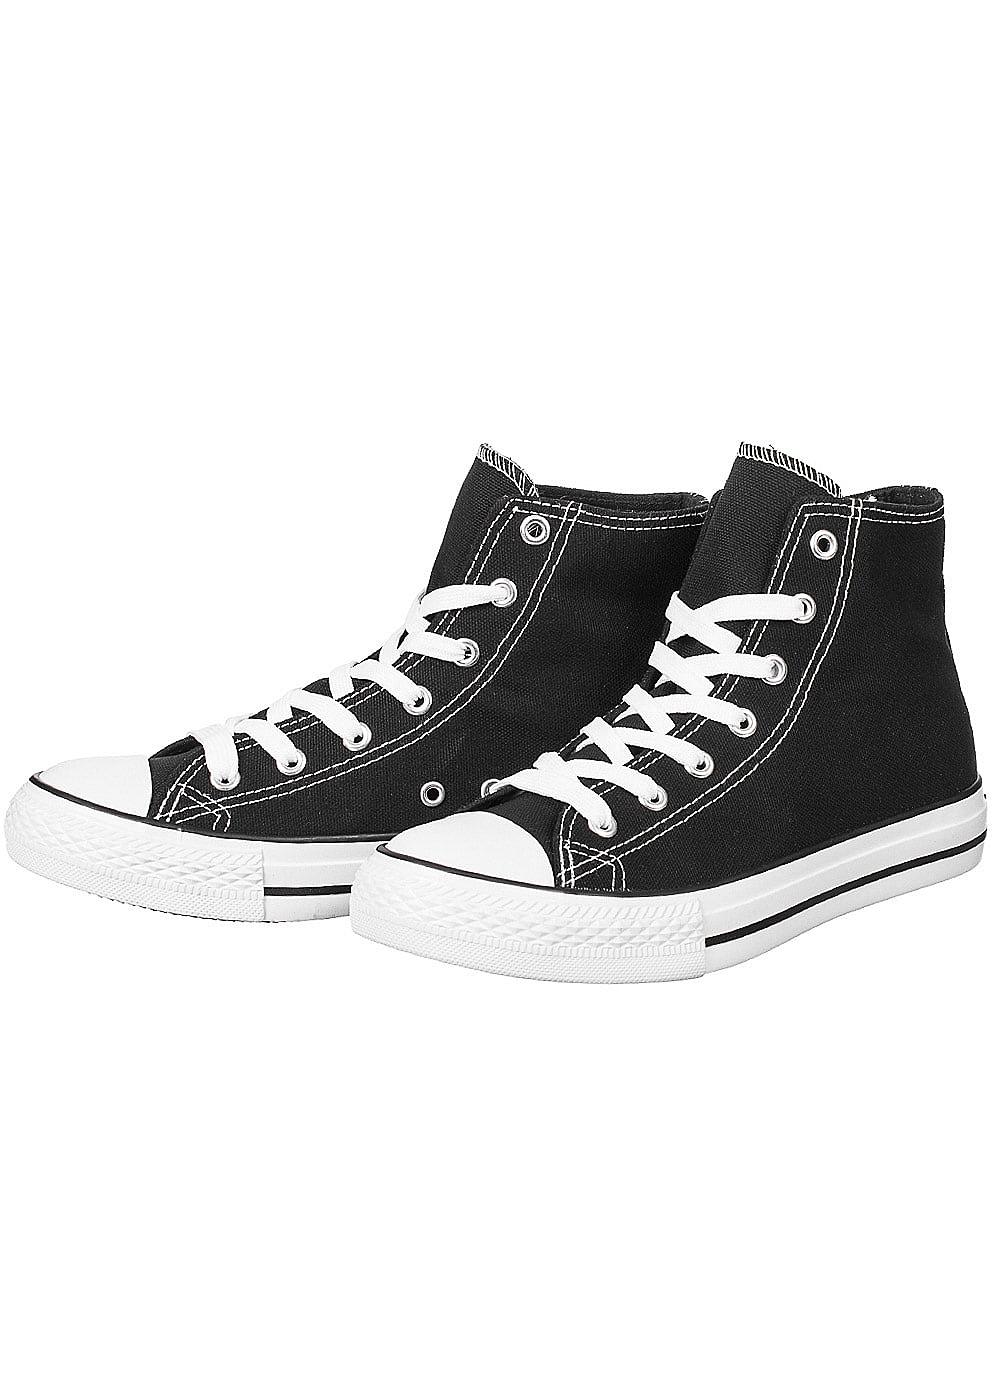 seventyseven lifestyle schuh damen high sneaker zum schn ren schwarz 77onlineshop. Black Bedroom Furniture Sets. Home Design Ideas